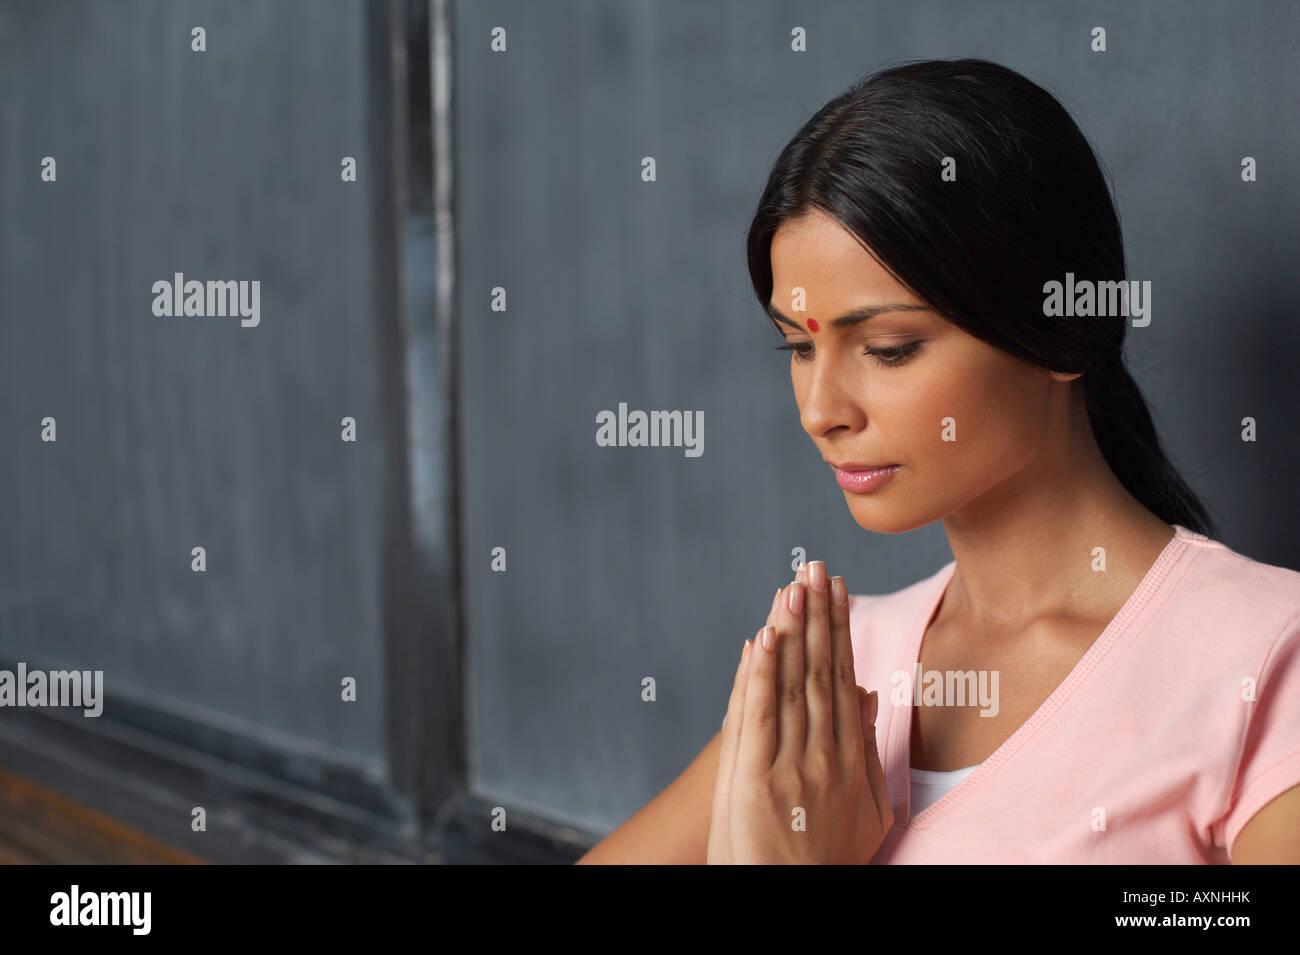 Donna indiana con le mani giunte di fronte a una lavagna Immagini Stock